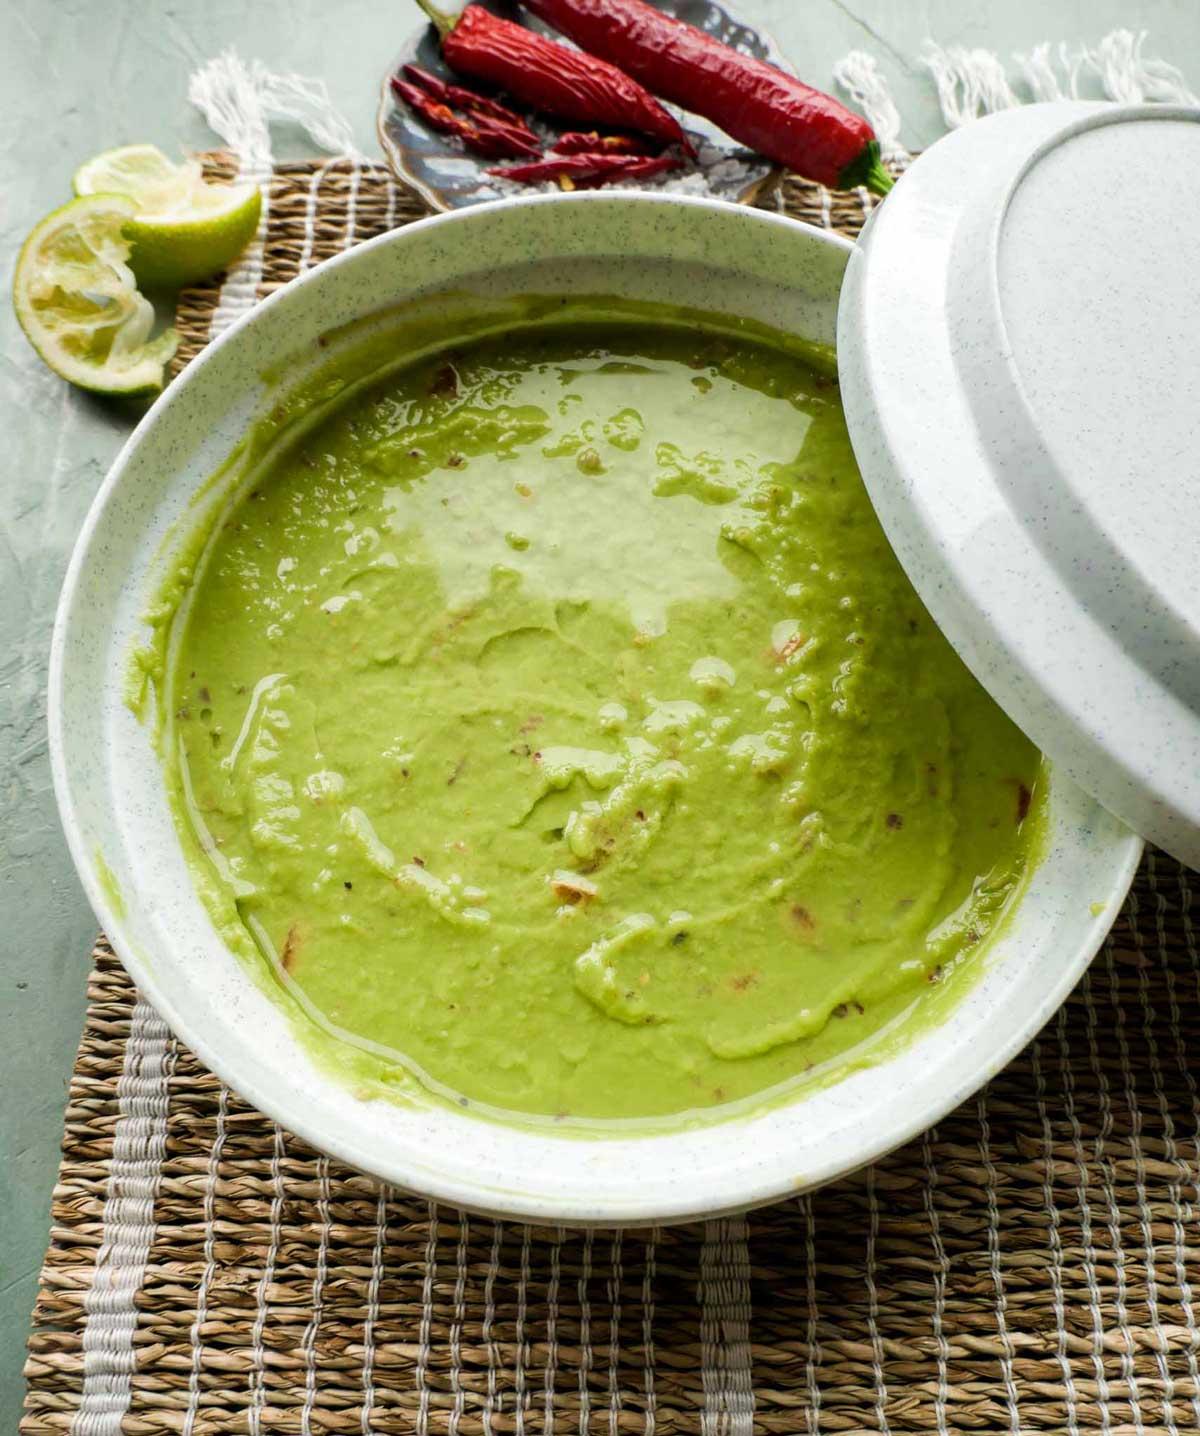 sådan holder du guacamole frisk og grøn i flere dage